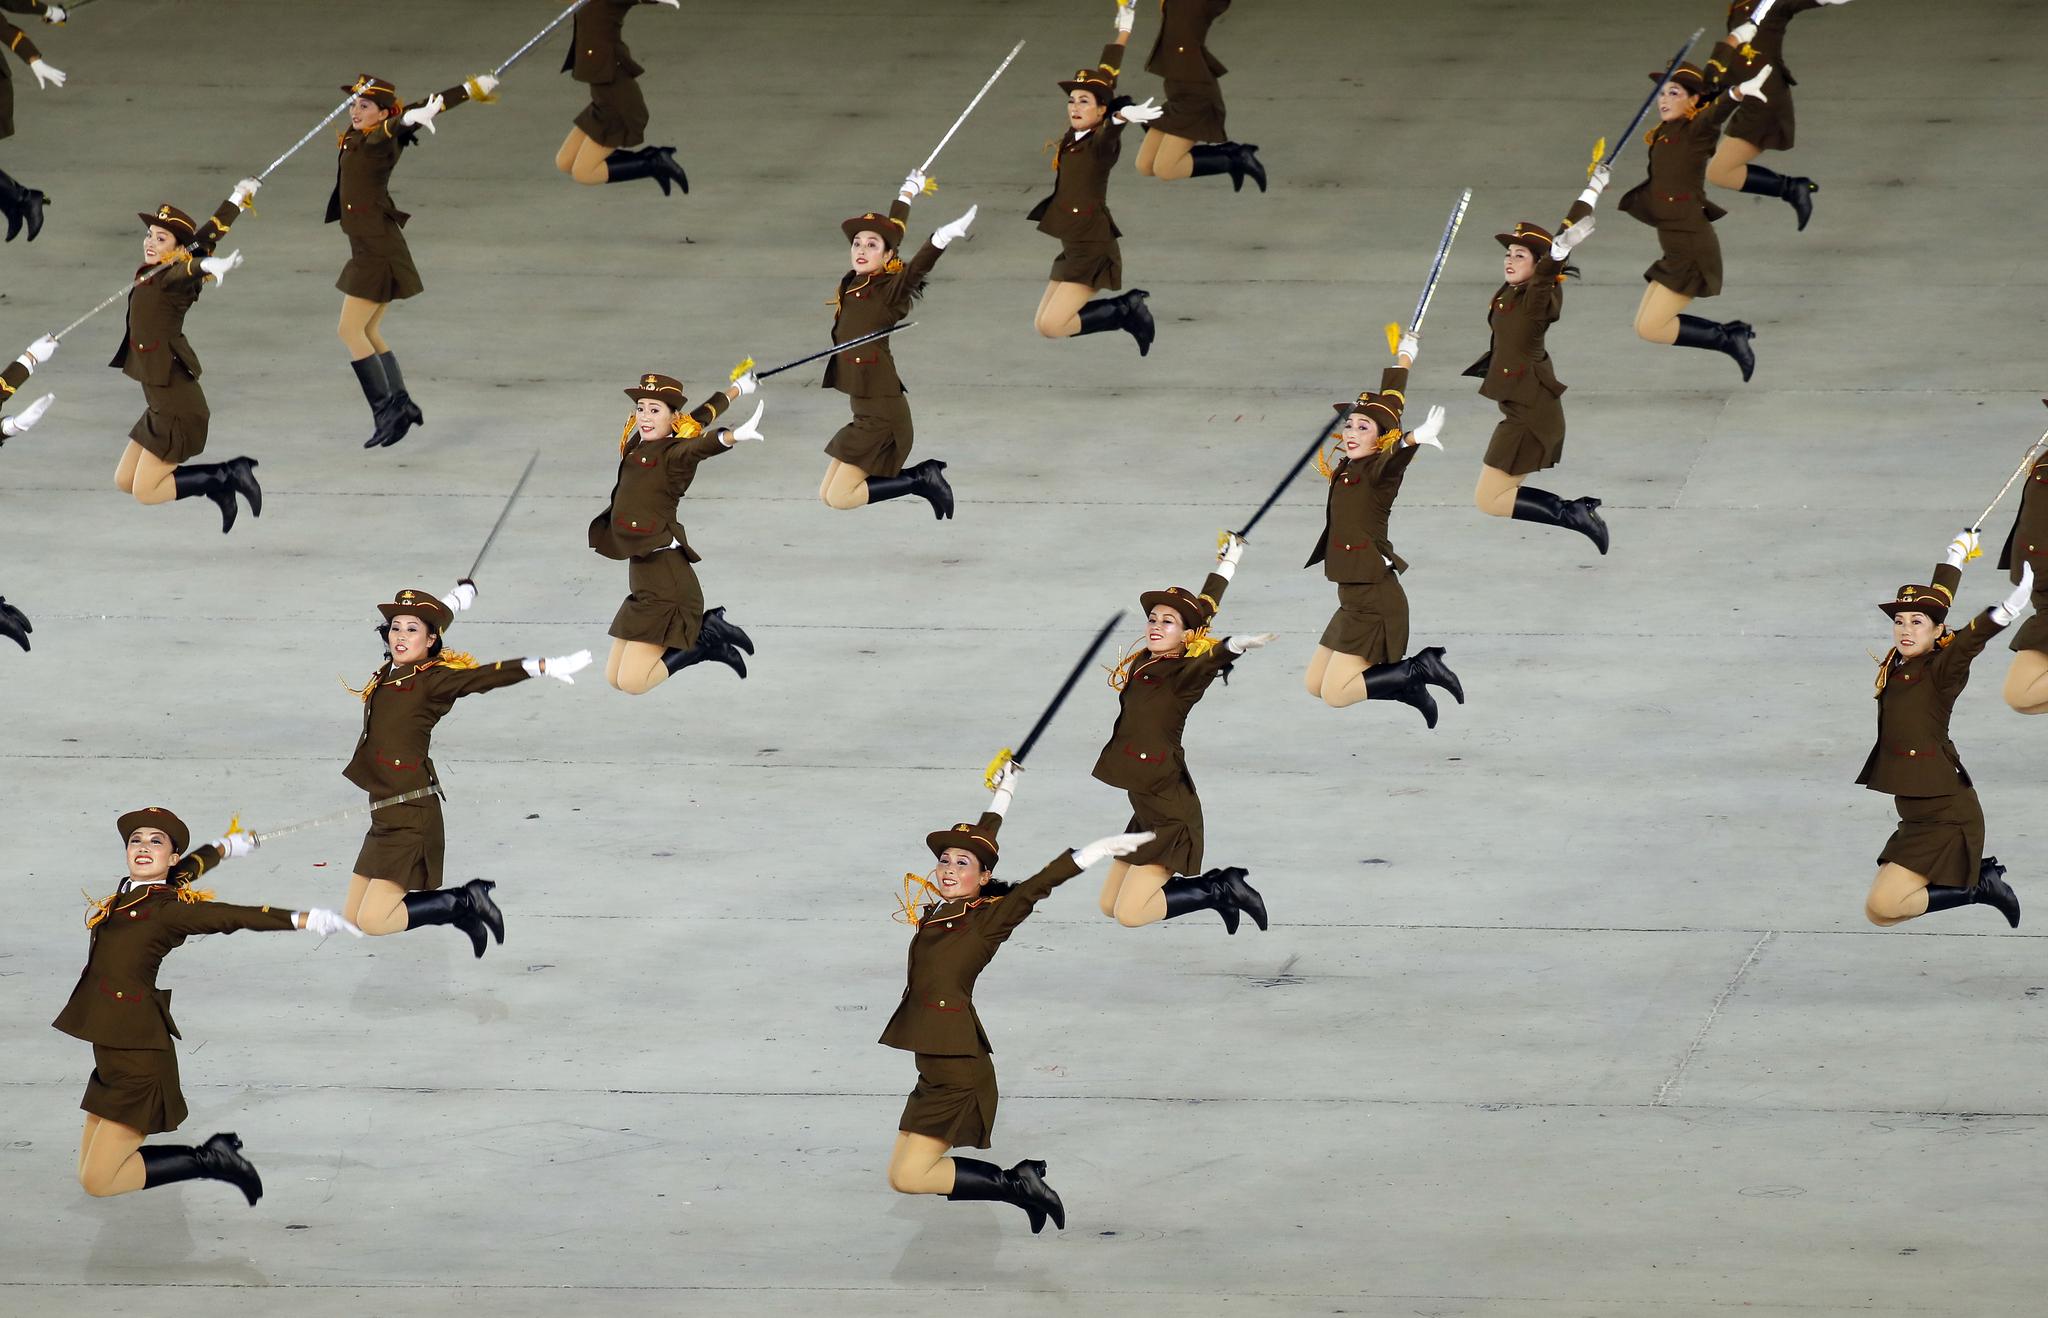 문재인 대통령과 김정은 북한 국무위원장이 19일 오후 평양 5.1 경기장을 방문해 대집단체조와 예술공연 '빛나는 조국'을 관람했다. 공연단이 멋진 공연을 펼치고 있다. [뉴스1]